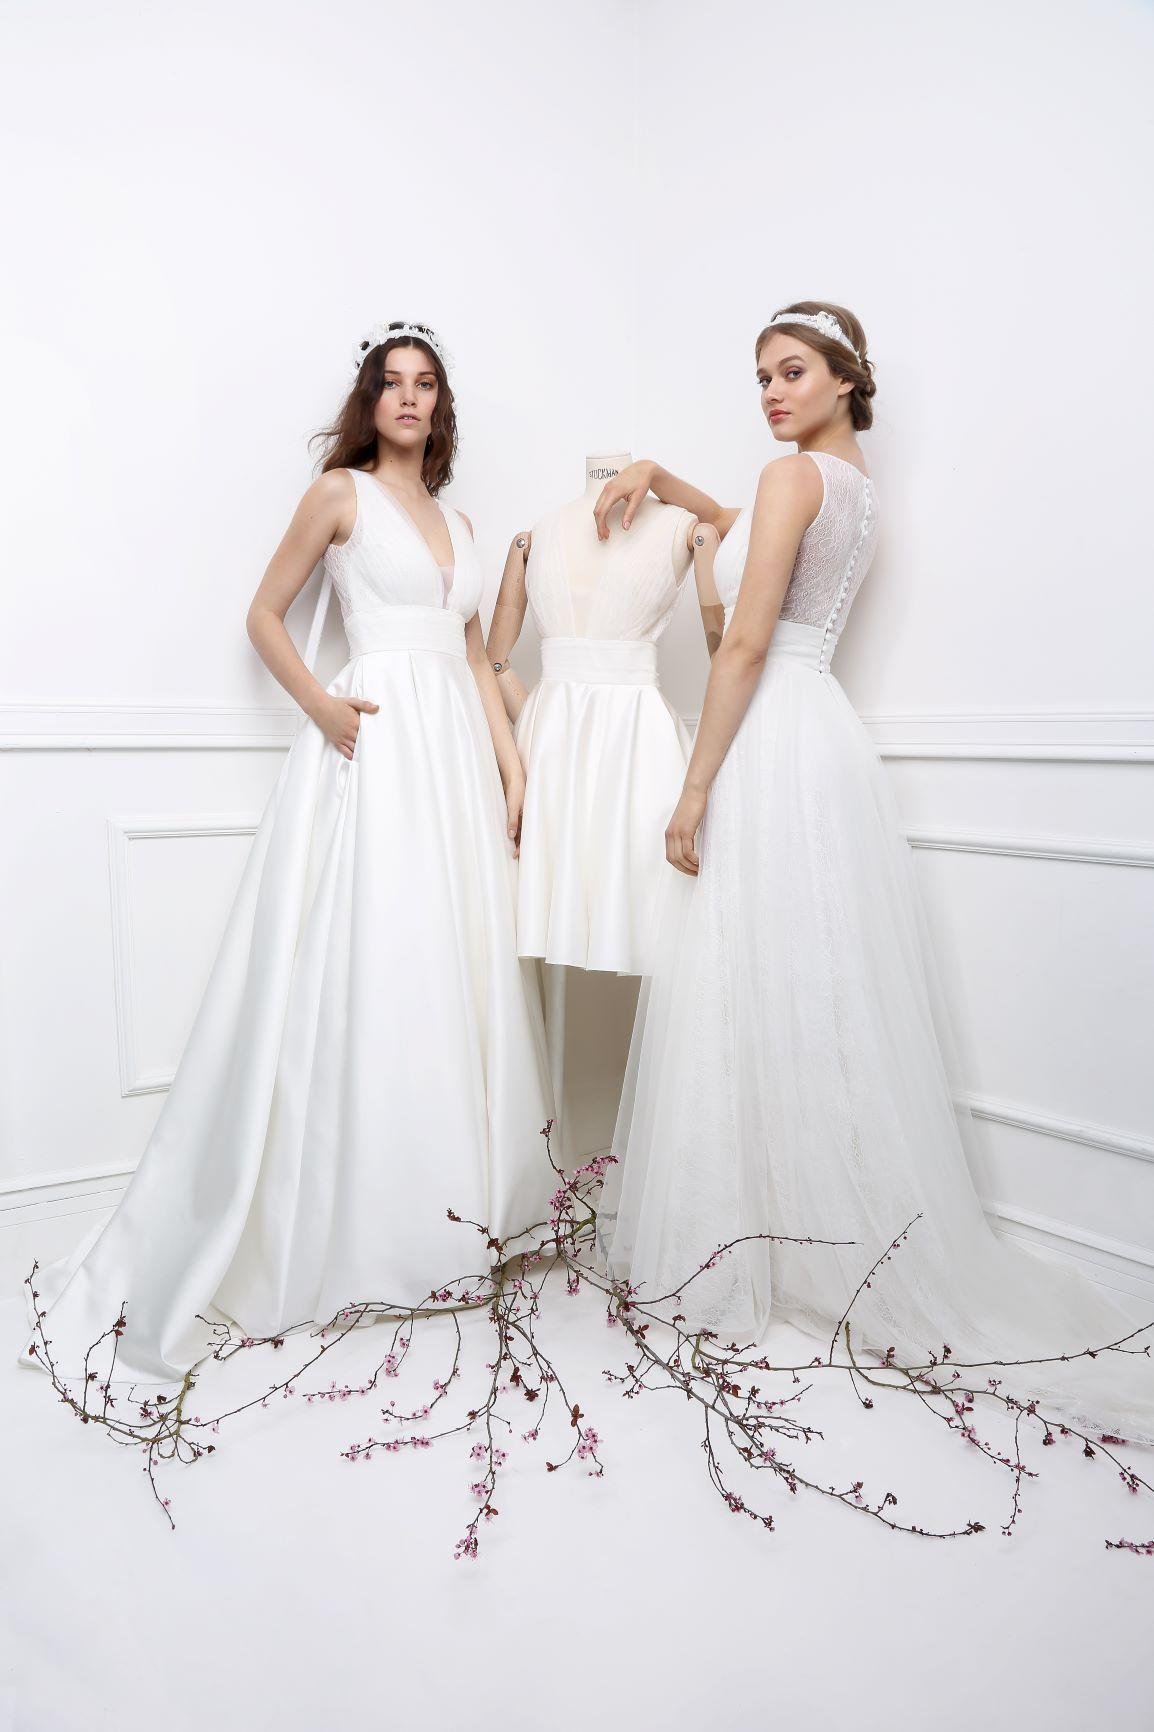 785a4a52393 ... ROBES DE MARIÉE   WEDDING DRESSES - by LE WEDDING MAGAZINE. Rentrée  Couture   « Pour un Oui » by Cymbeline